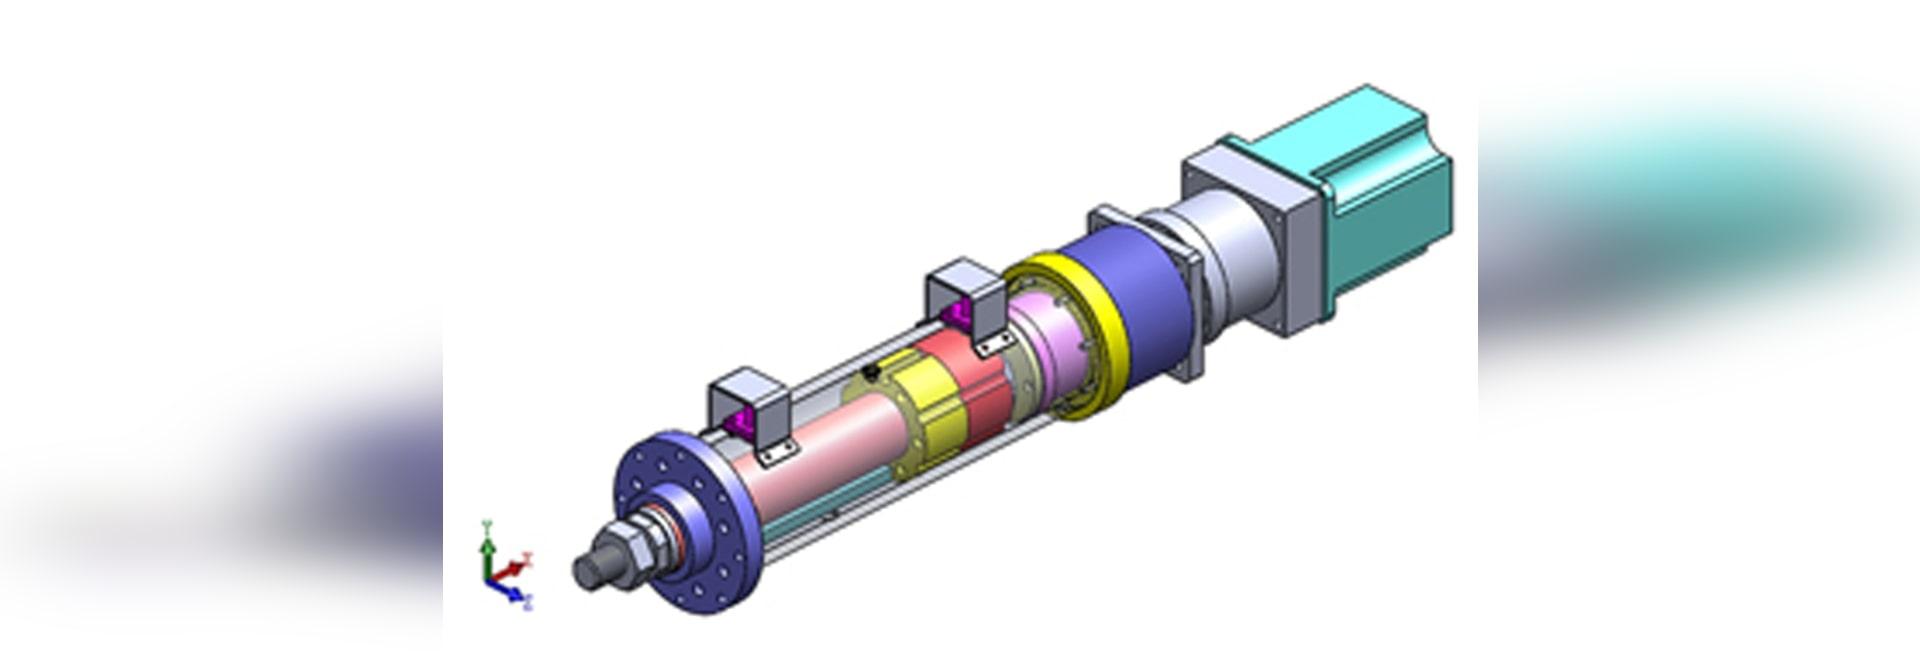 Principio del actuador lineal eléctrico y su funcionamiento